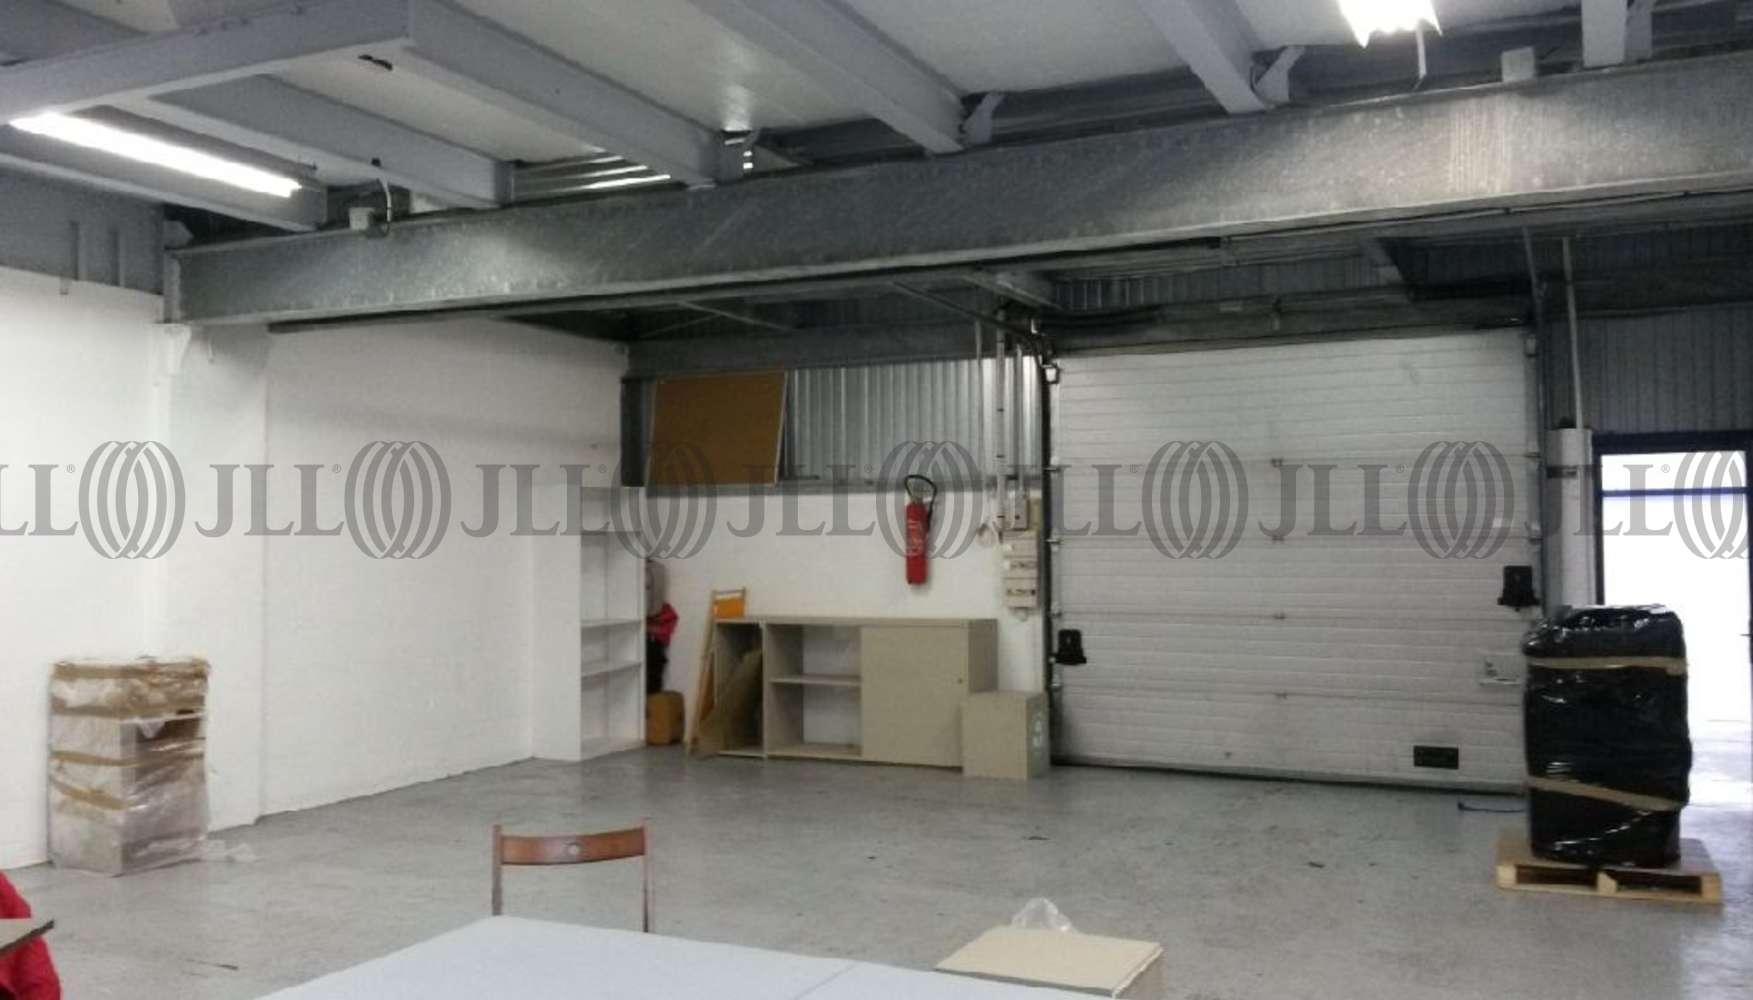 Activités/entrepôt Courbevoie, 92400 - 16 RUE DU MOULIN DES BRUYERES - 9447810